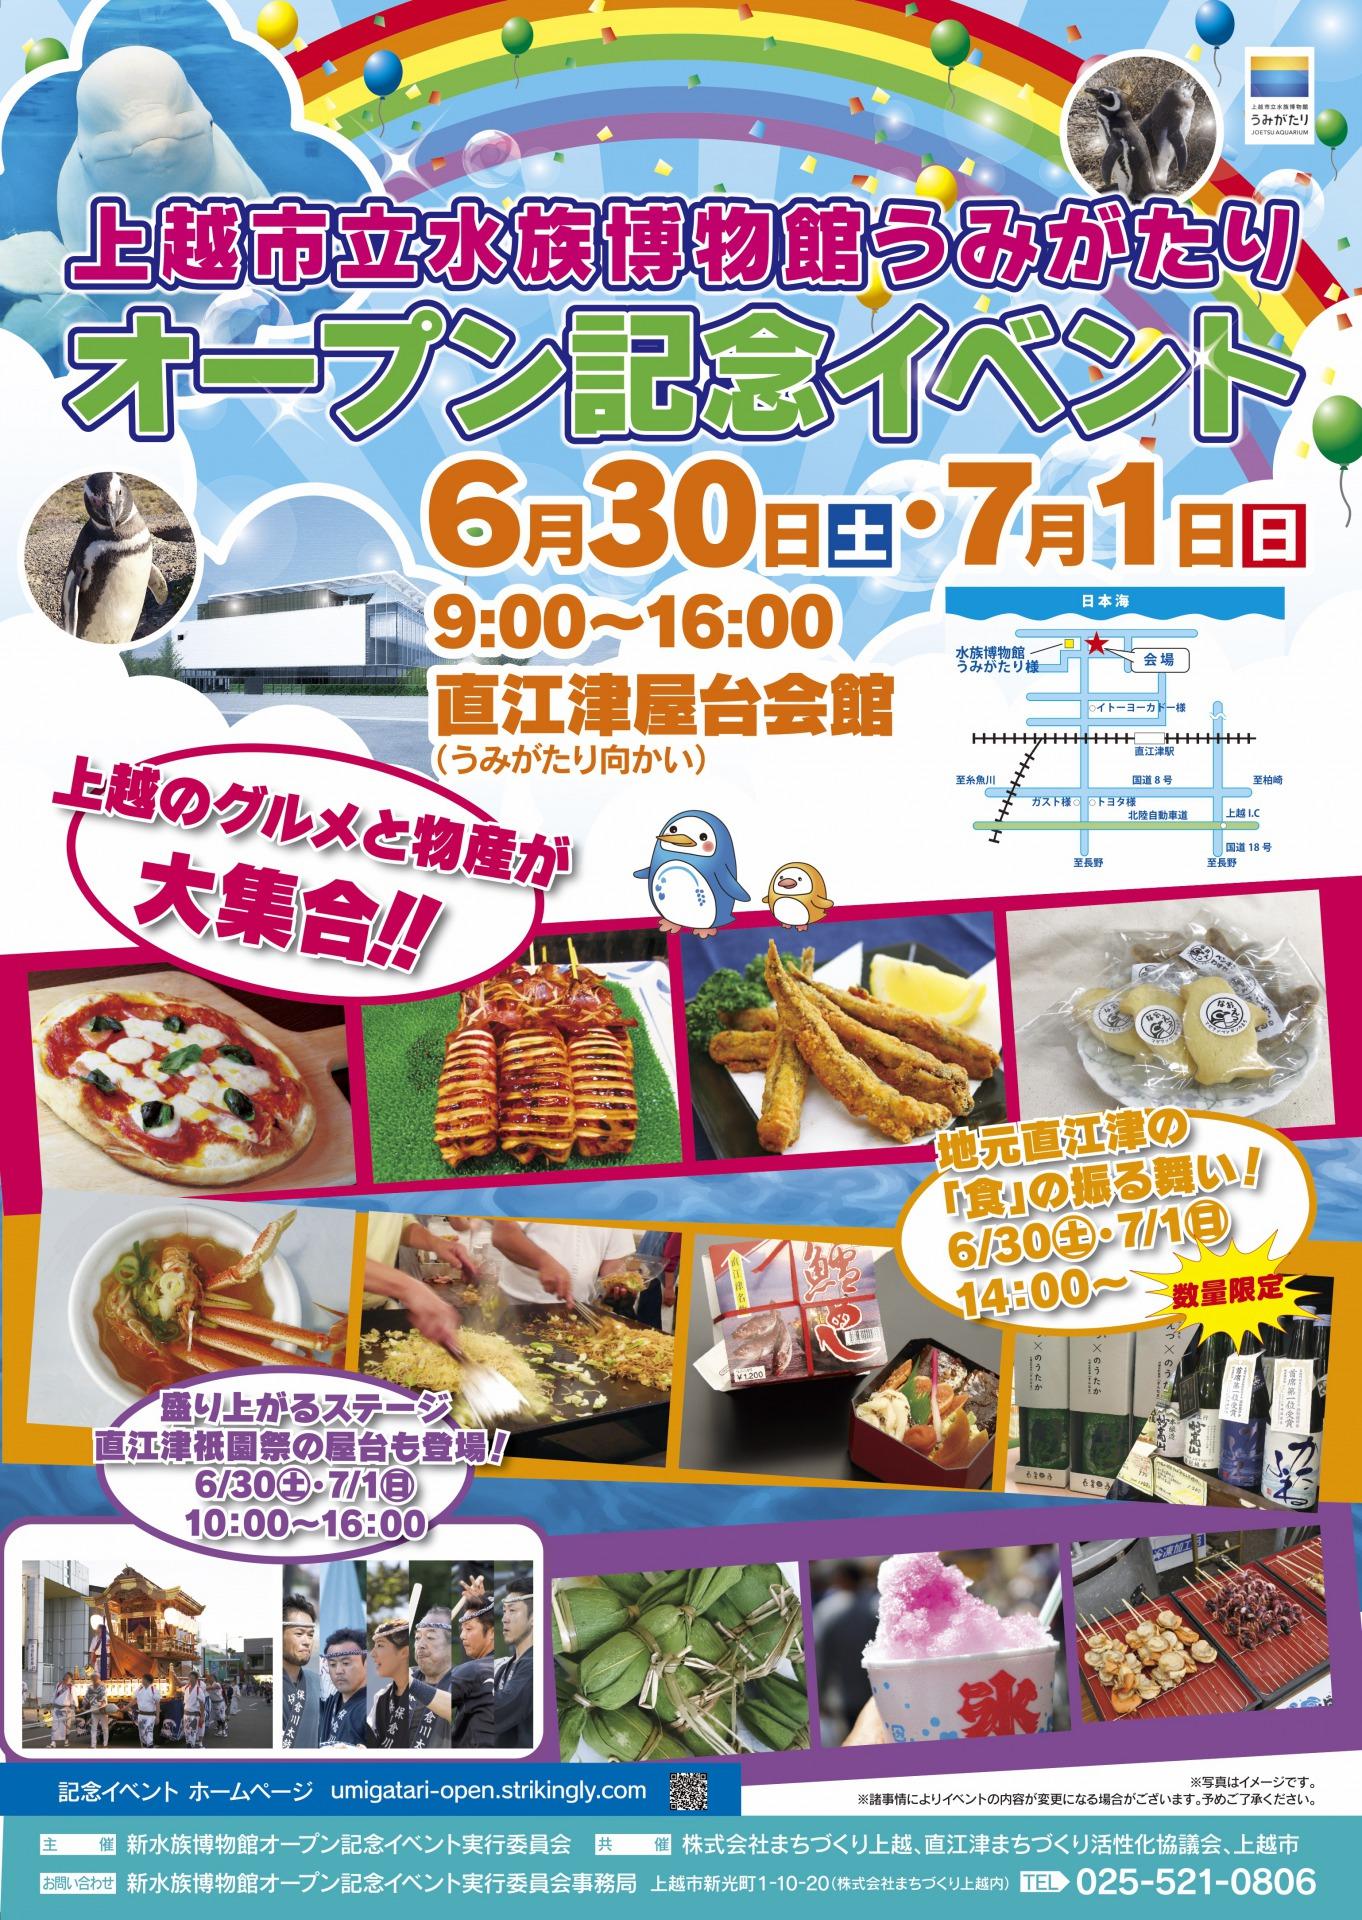 s_うみがたりオープン記念イベント_ポスター